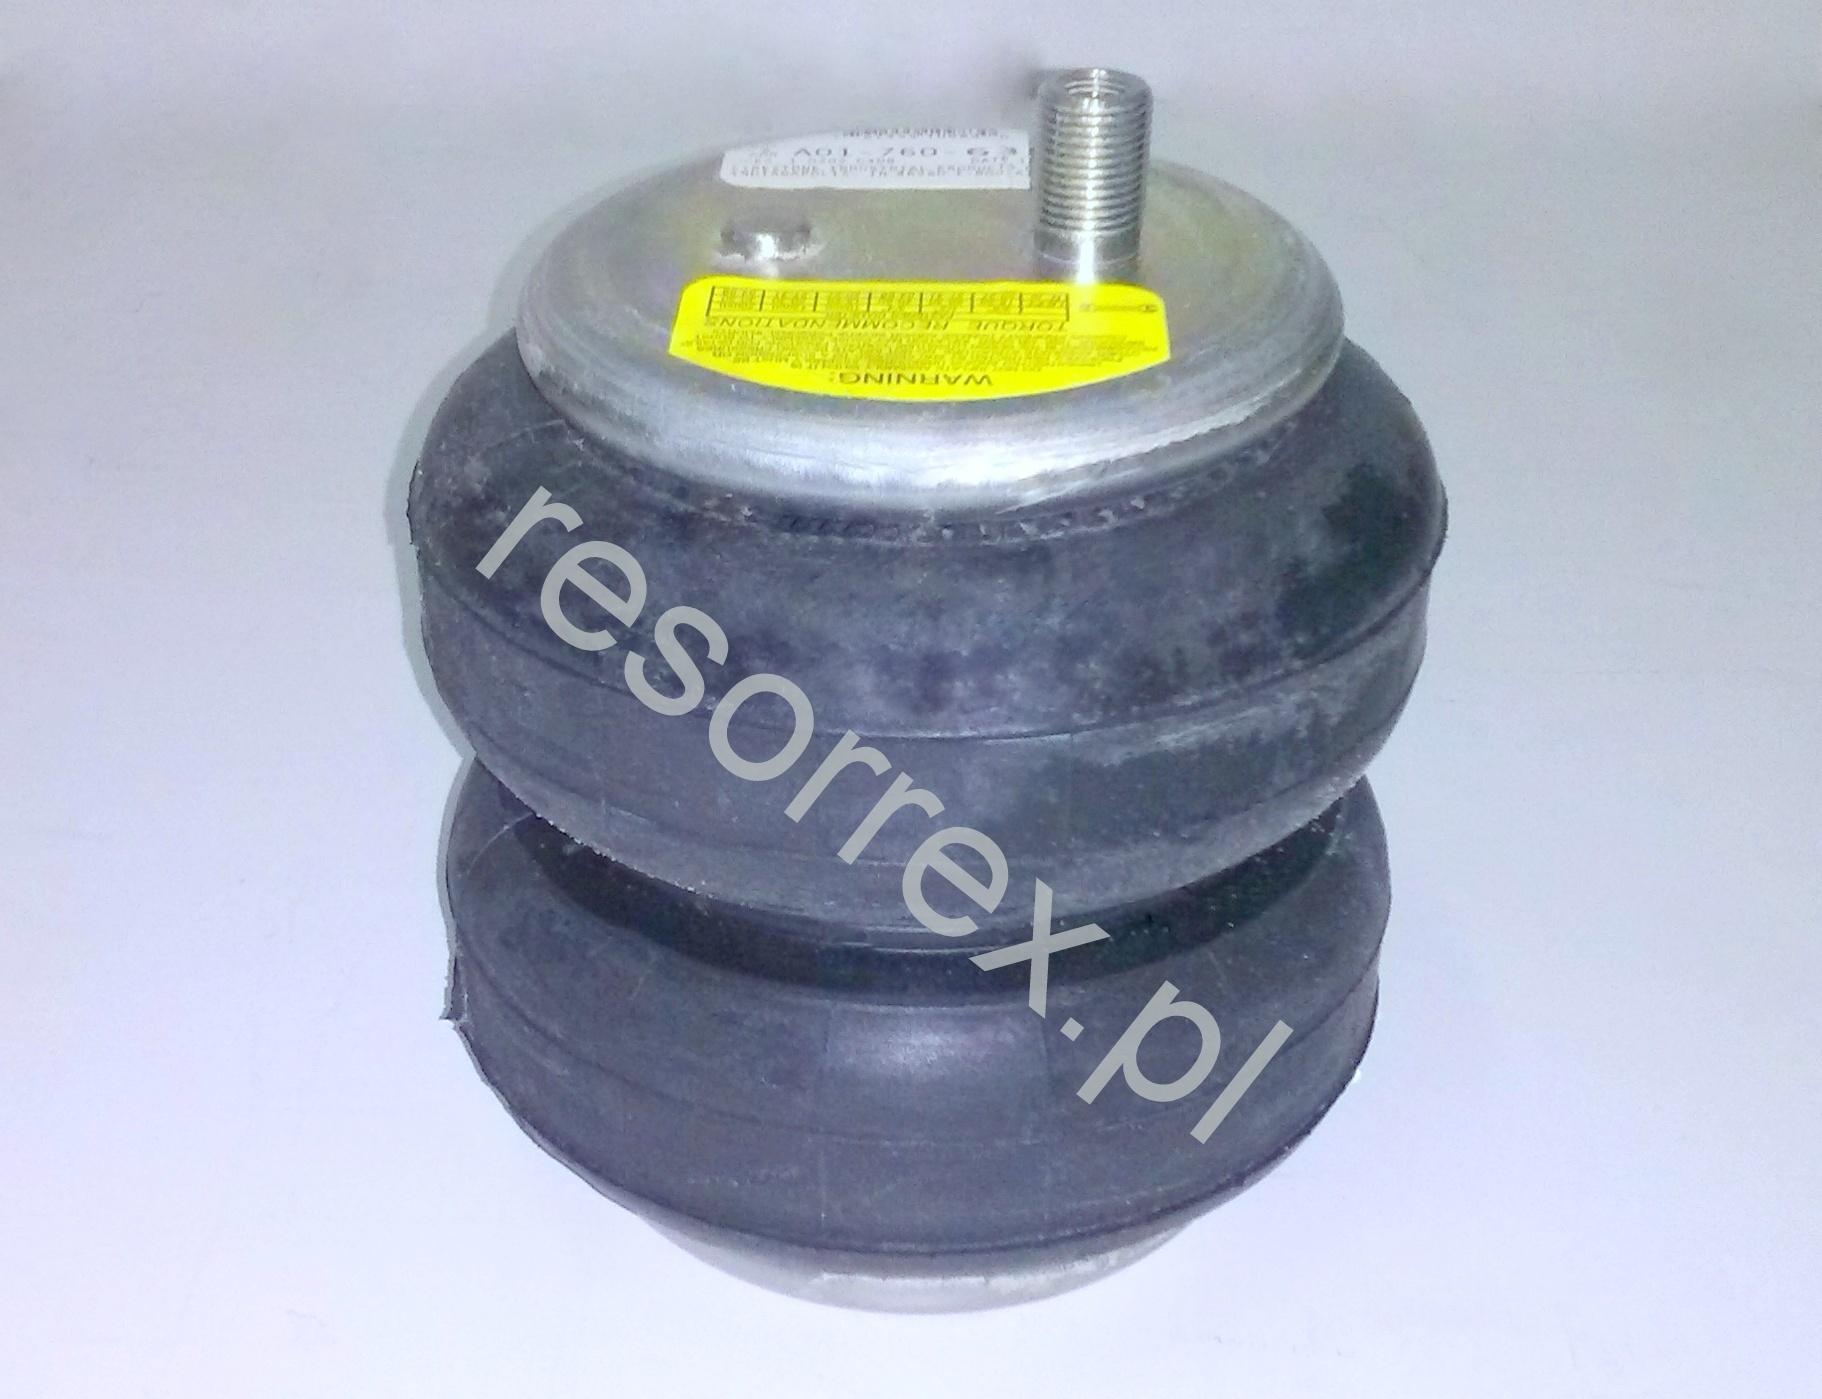 montaż zawieszenia pneumatycznego warszawa